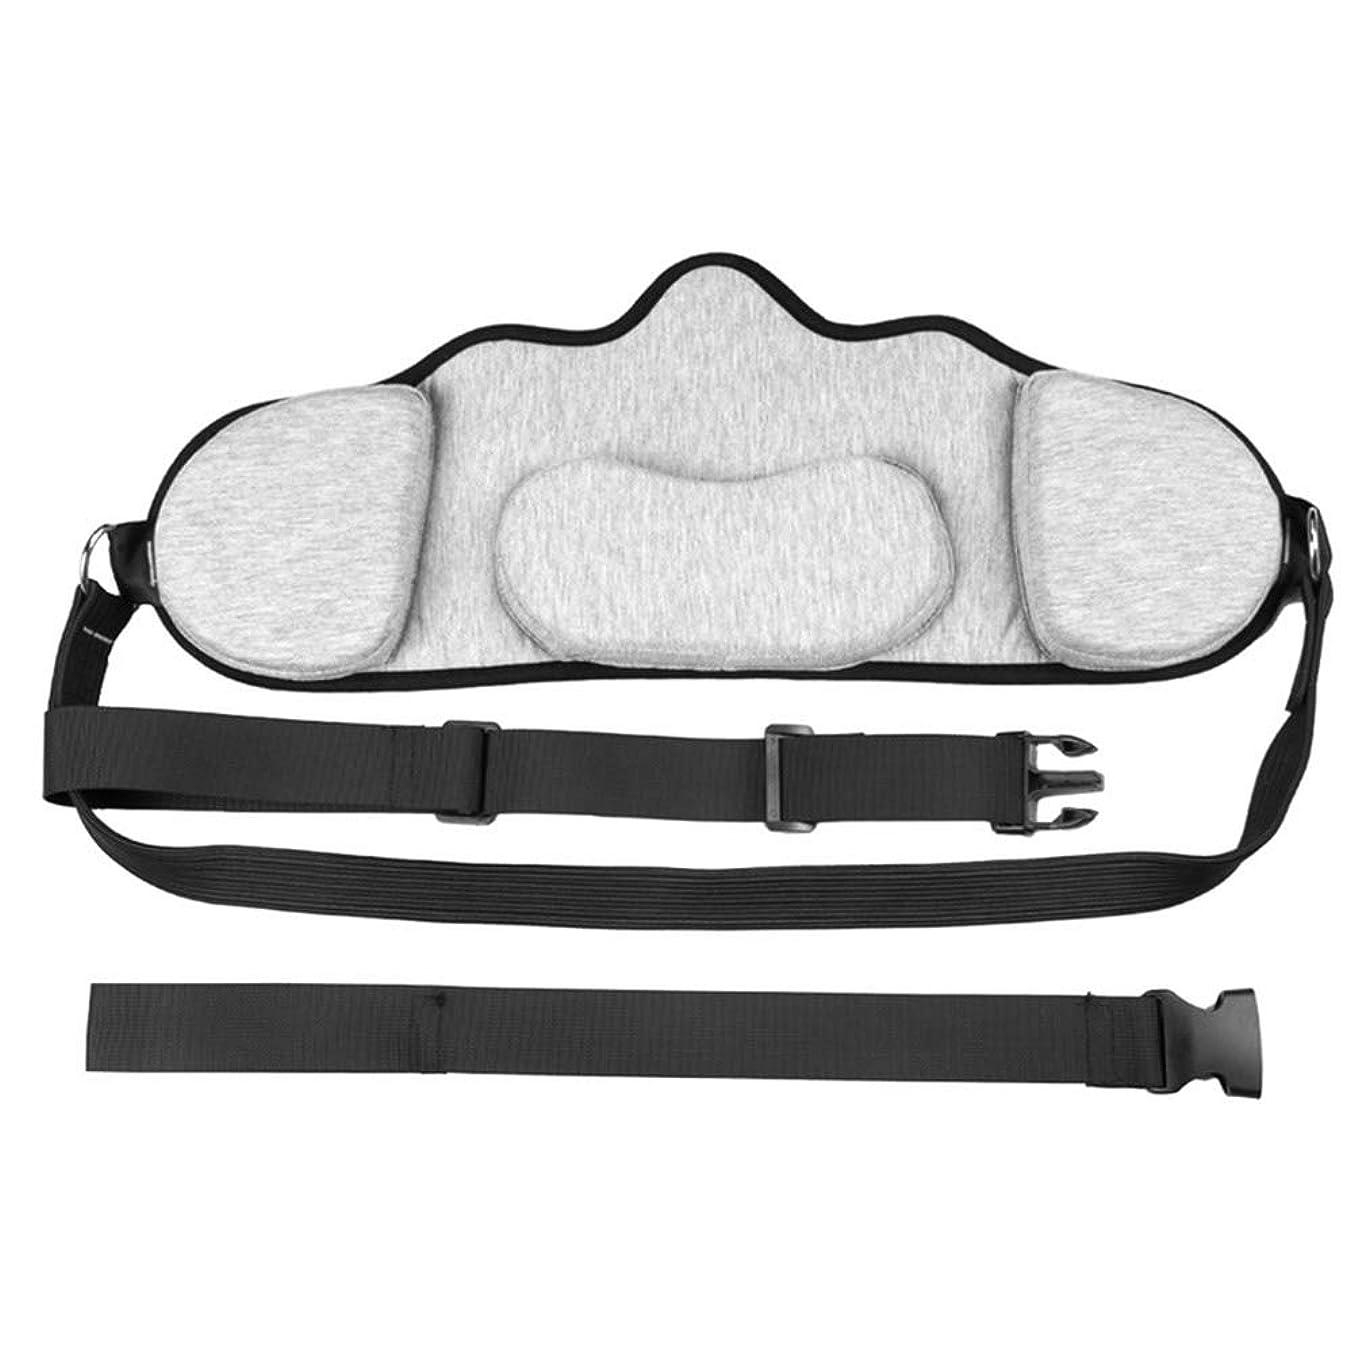 権限規範教室2パック耐久性のあるポータブル首牽引&リラクゼーションハンモック、オフィスワーカーのドライバーのためのセルフマッサージャーと肩の痛みサポーターを持つ人はリラックスデバイス